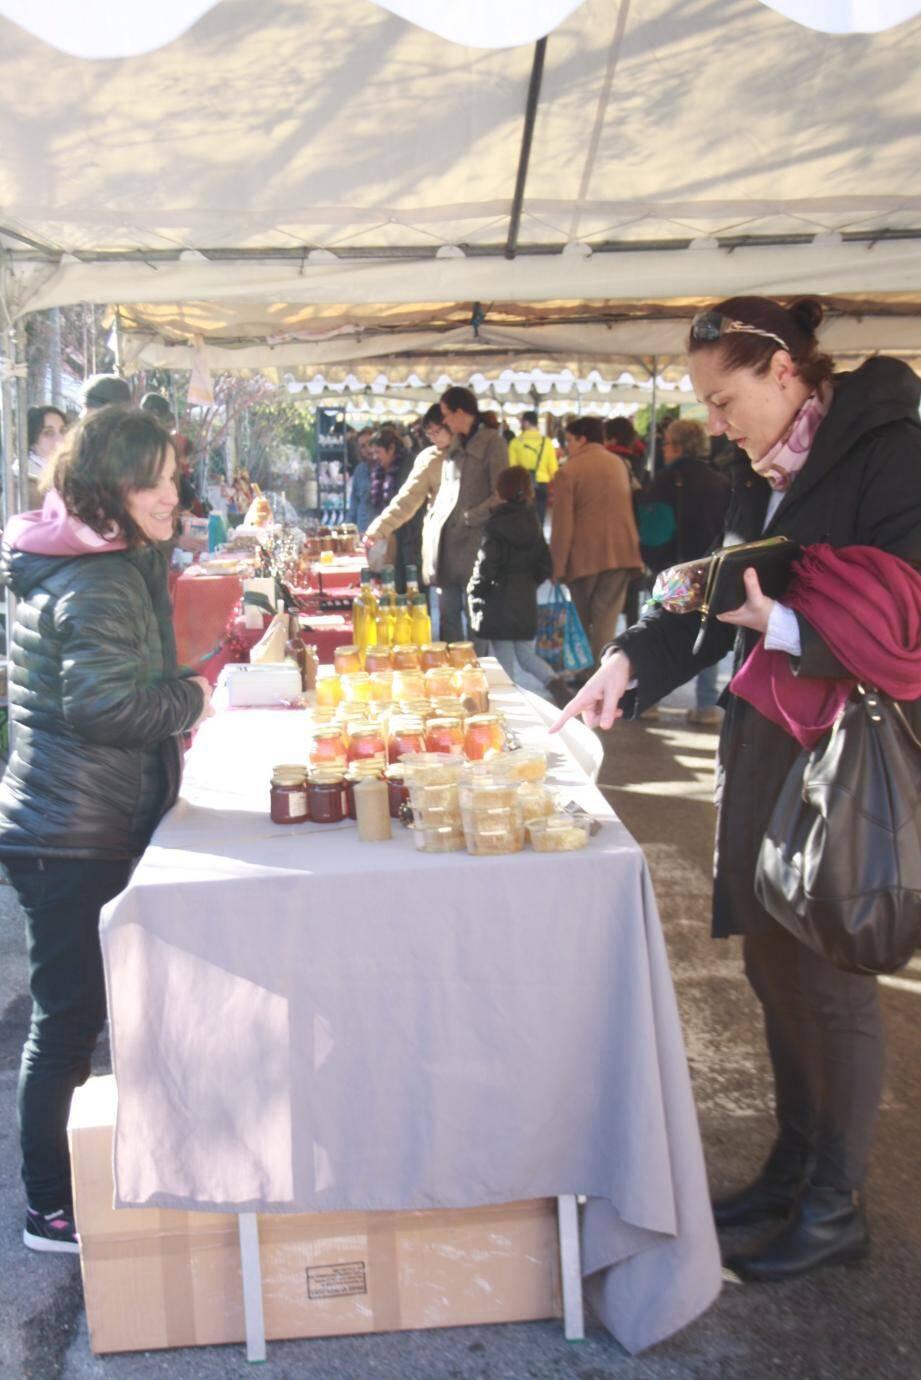 Dernières emplettes avant Noël, Niçois et Valléens ont investi le marché de Contes orné d'étals en tout genre.